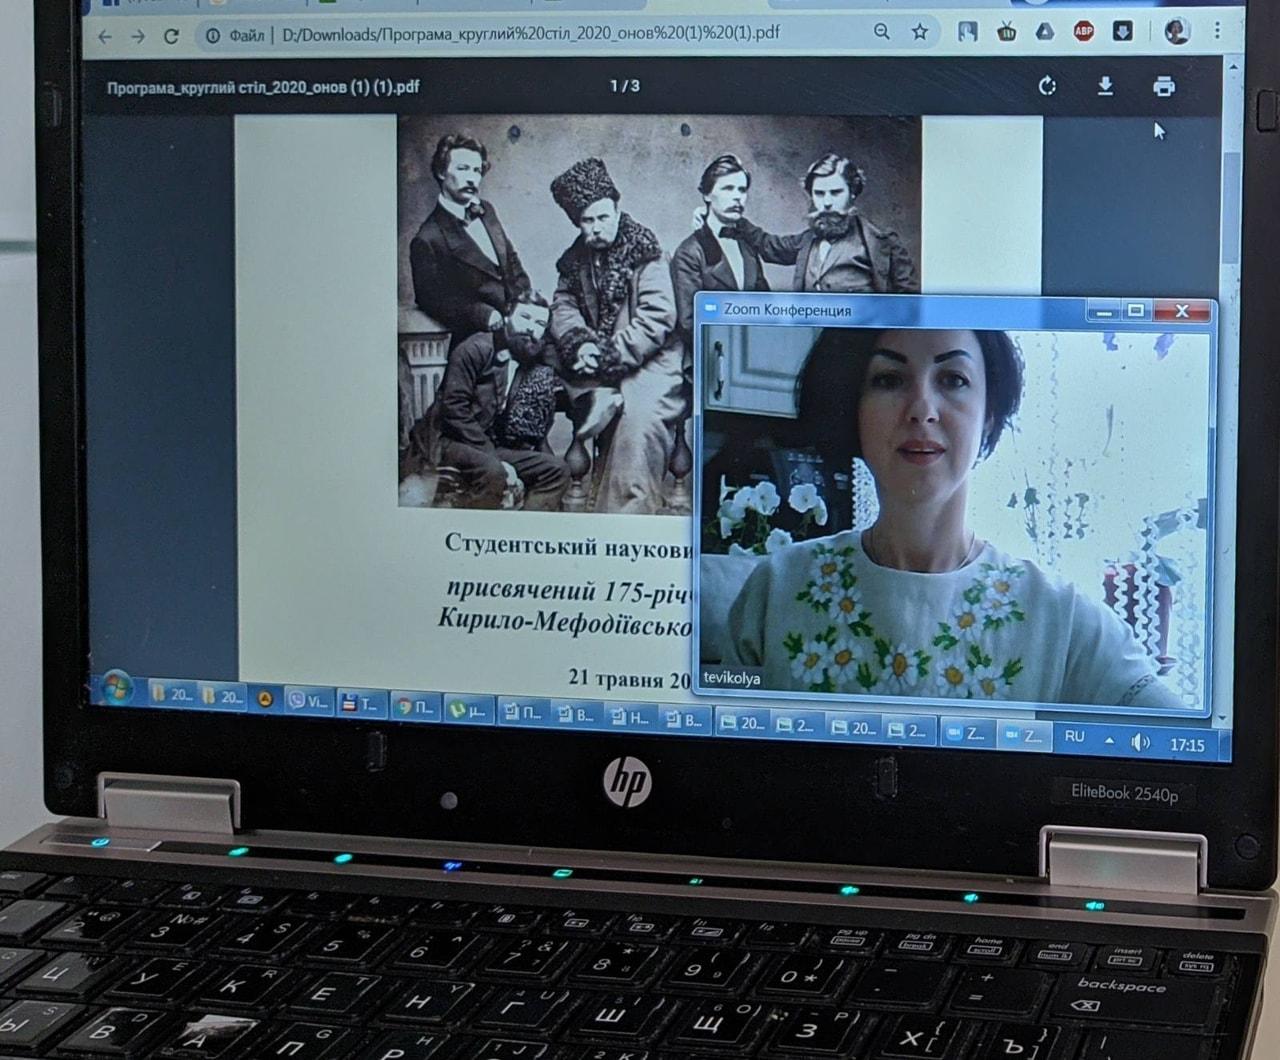 Дні української  культури: обговорили  внесок кириломефодіївців у національне відродження  і популяризували вишиванки